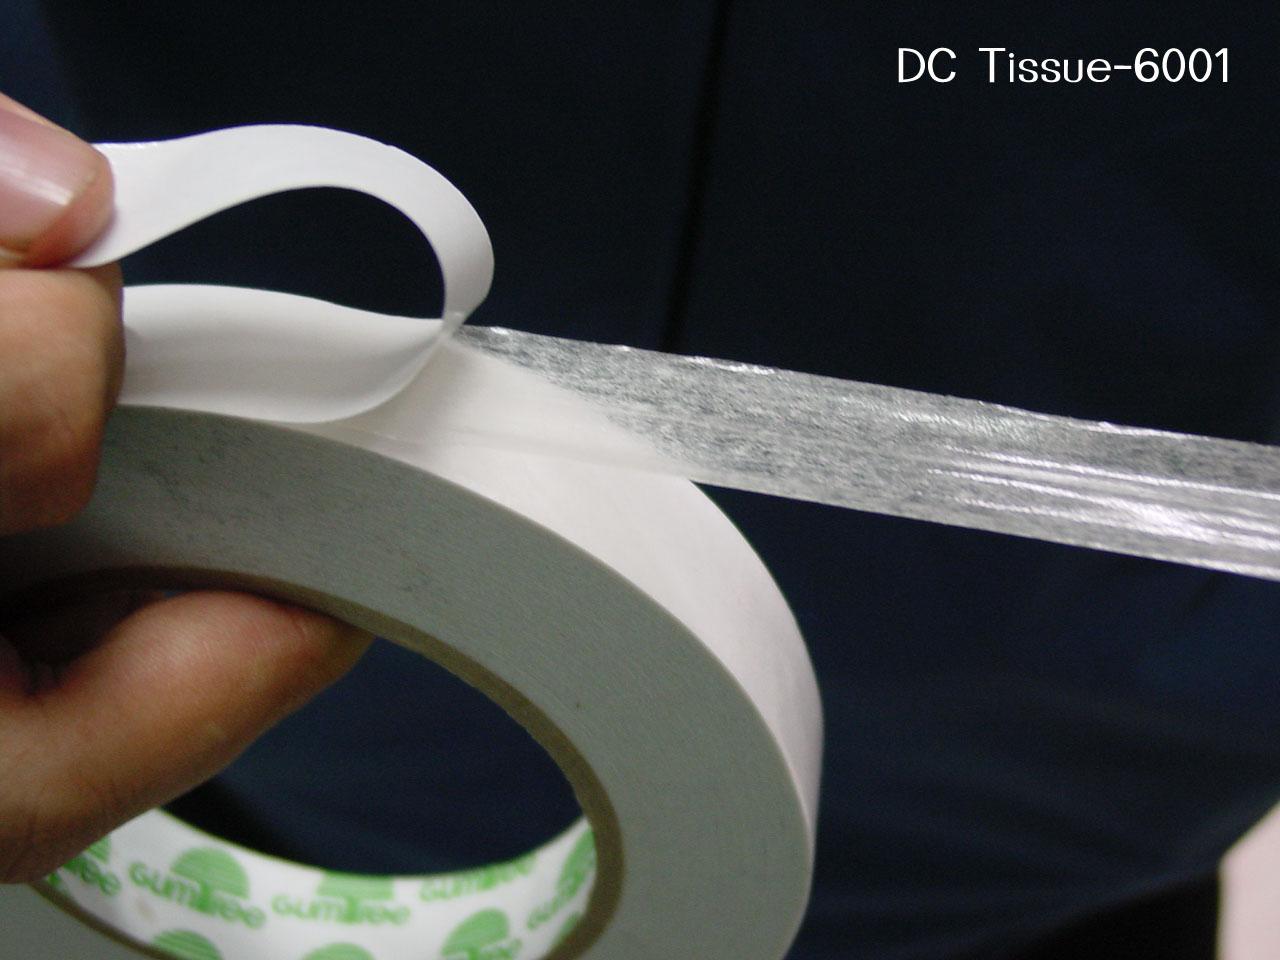 เทปกาวสองหน้า เทปกาวสองหน้าเยื่อบาง ทิชชู่เทป tissuetape 097-230-8458